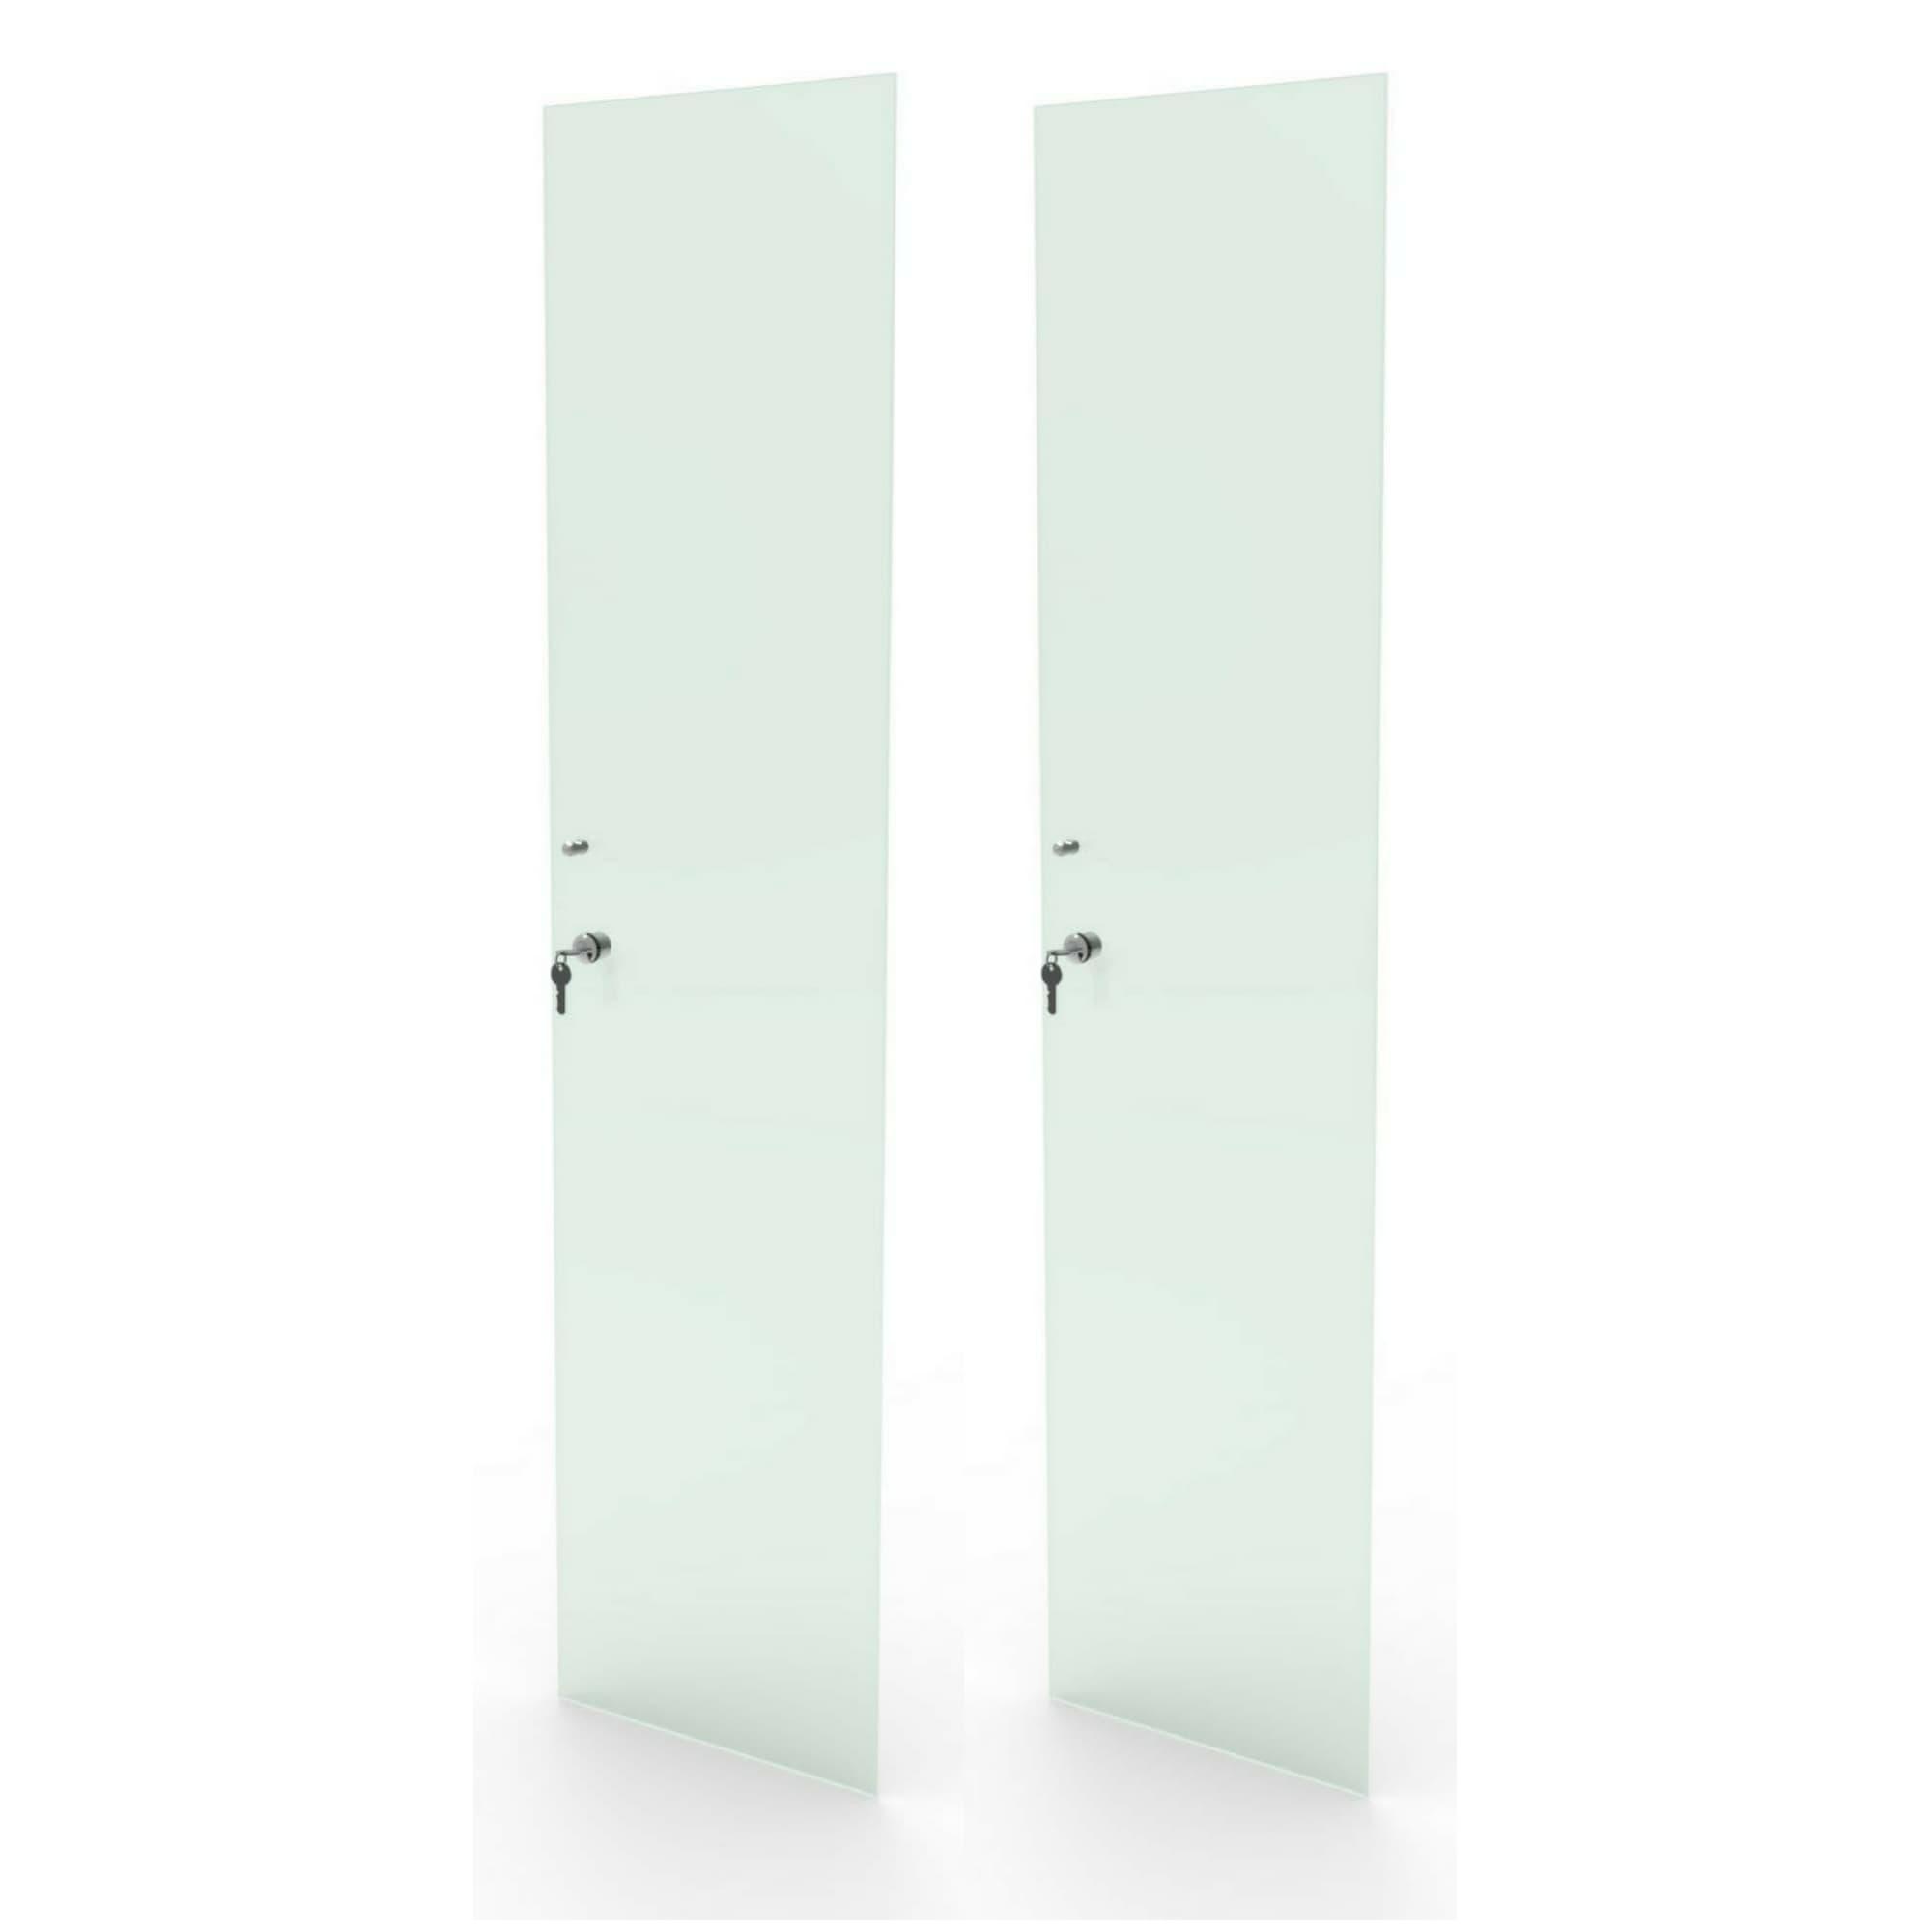 Kit 2 portas de vidro incolor com chave para estante discos LP vinil